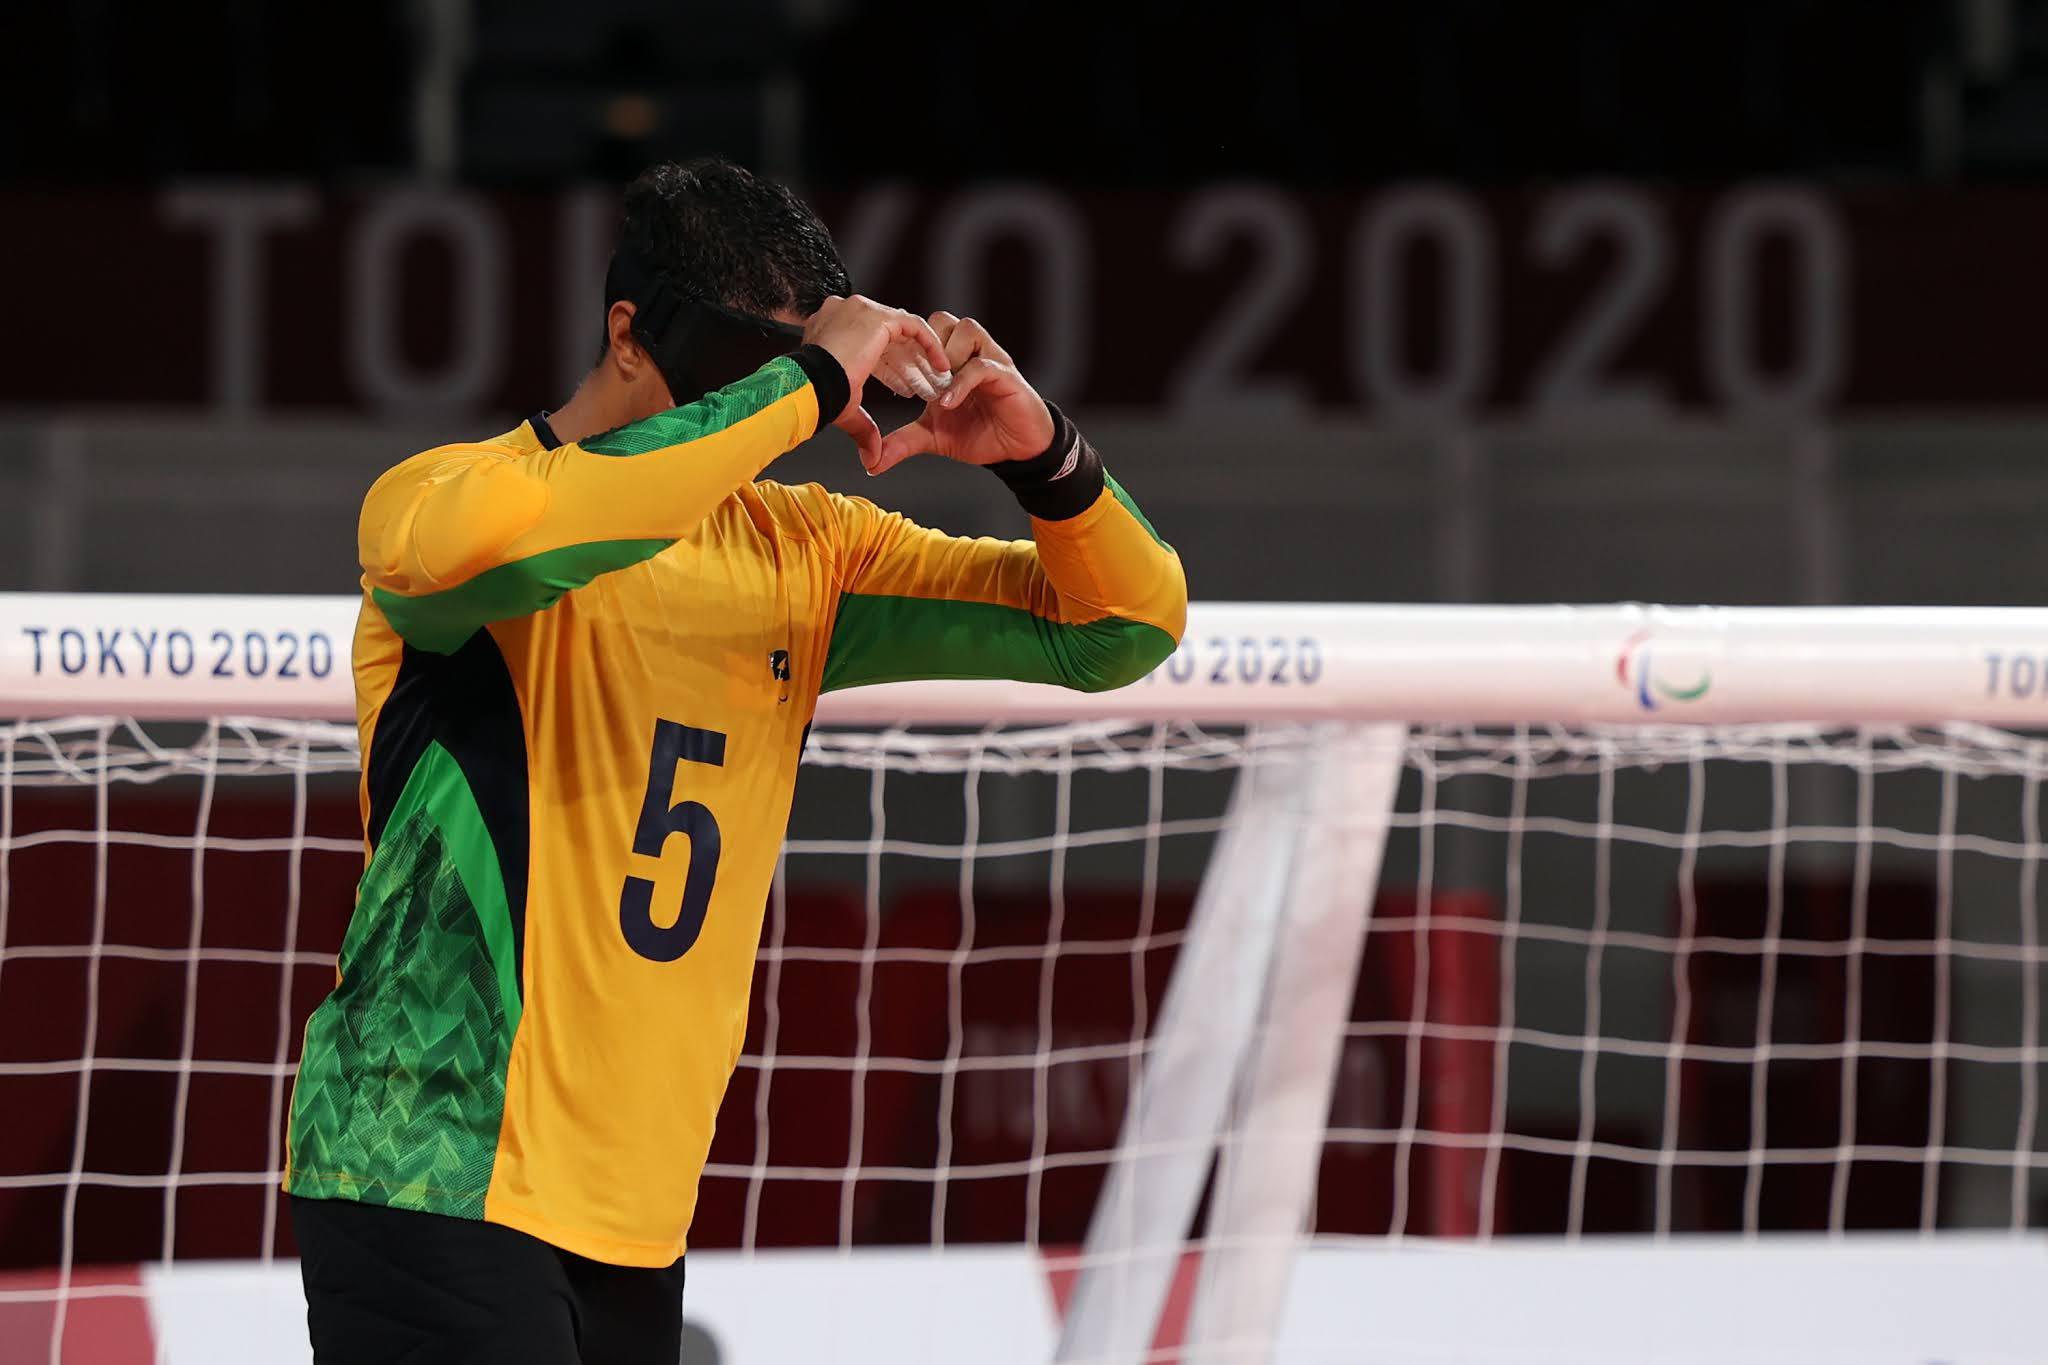 O atleta Parazinho de amarelo e com o número cinco em sua camisa faz um gesto de coração para a frente com as mãos